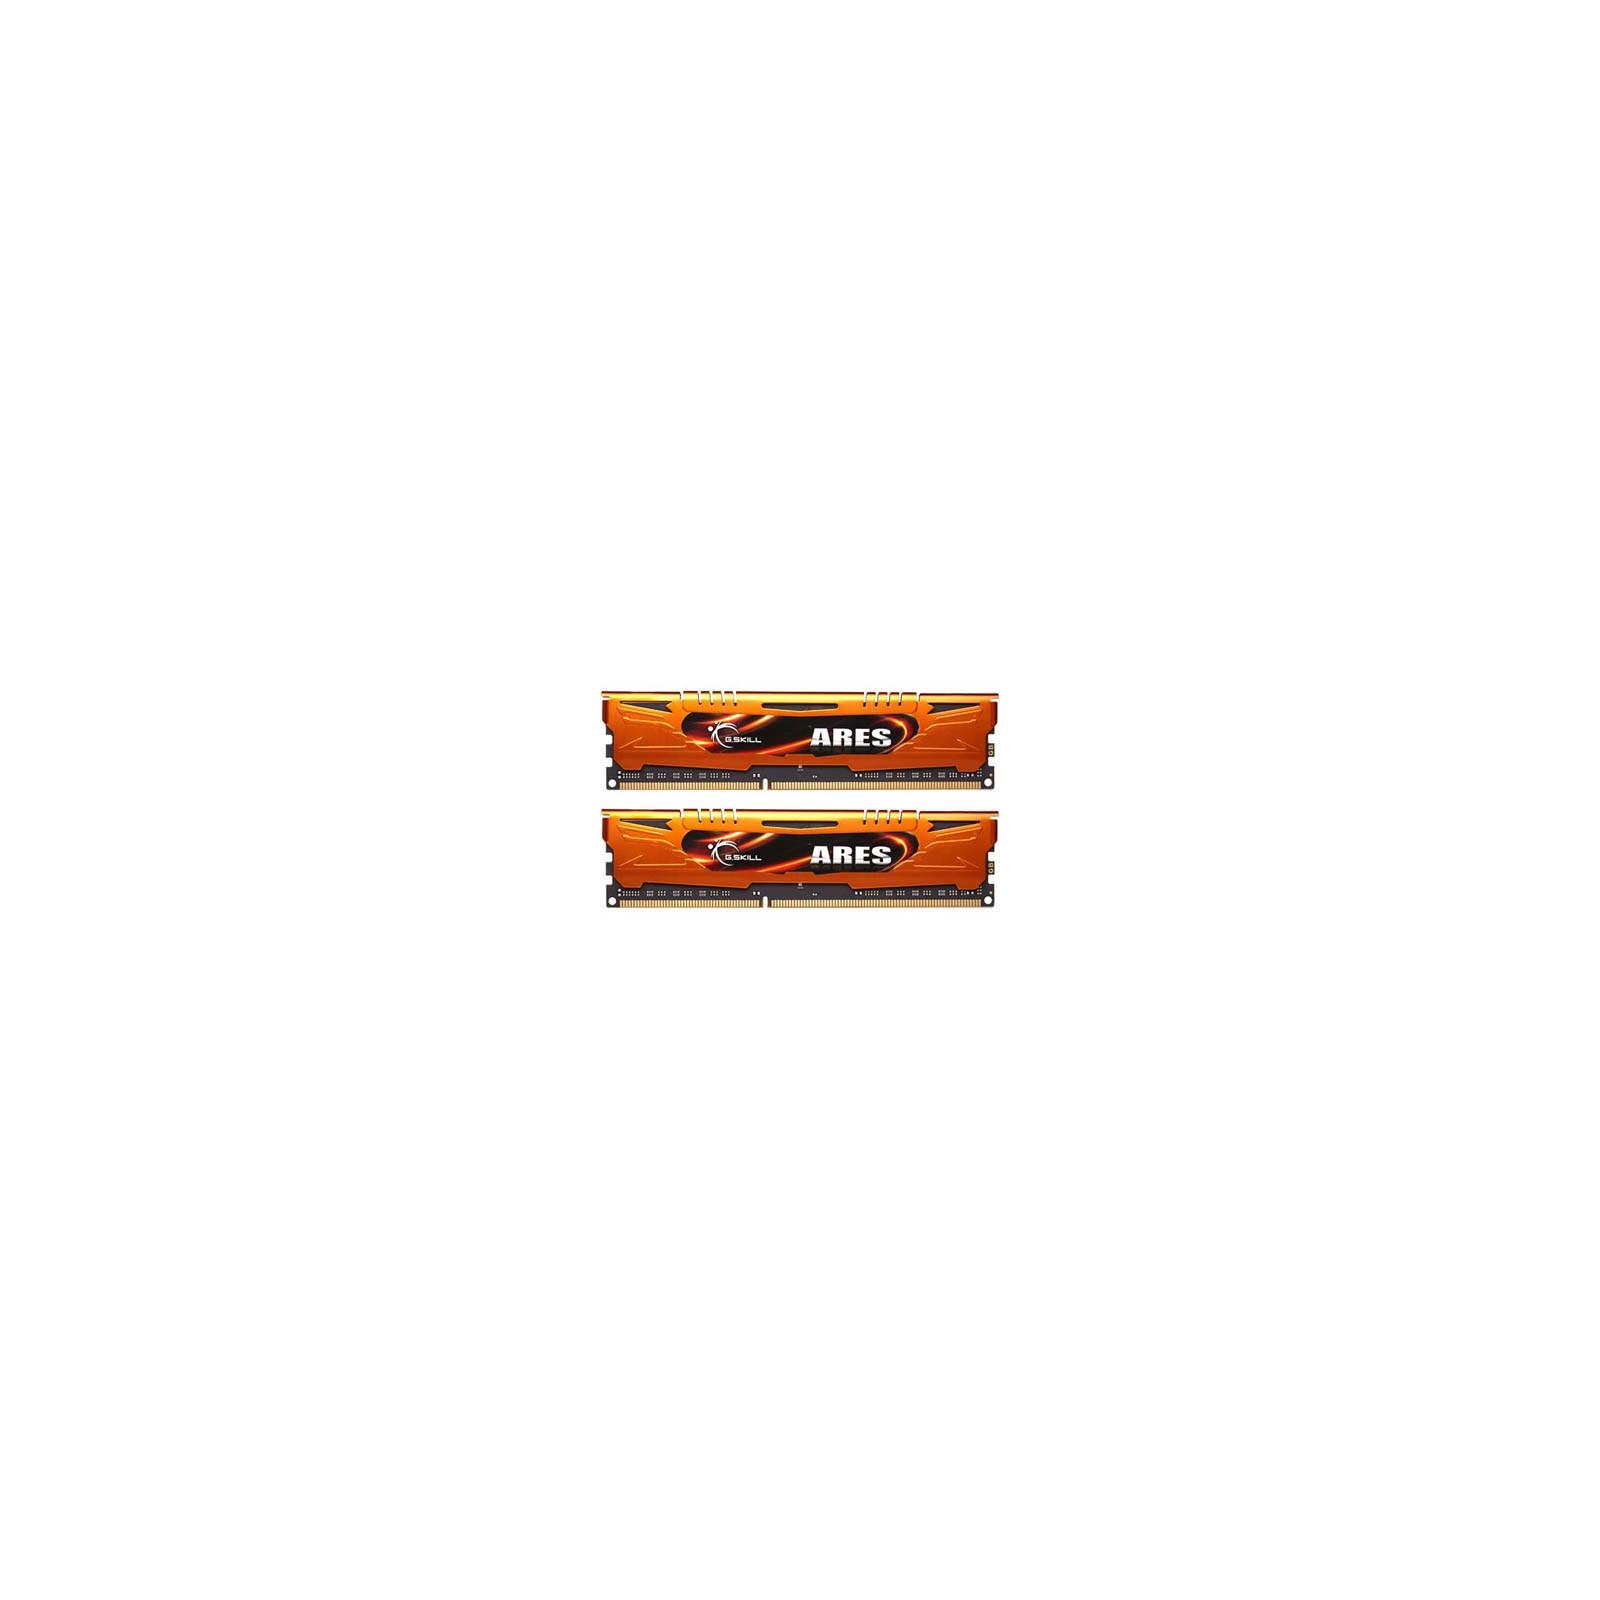 Модуль памяти для компьютера DDR3 16GB (2x8GB) 1600 MHz G.Skill (F3-1600C10D-16GAO)